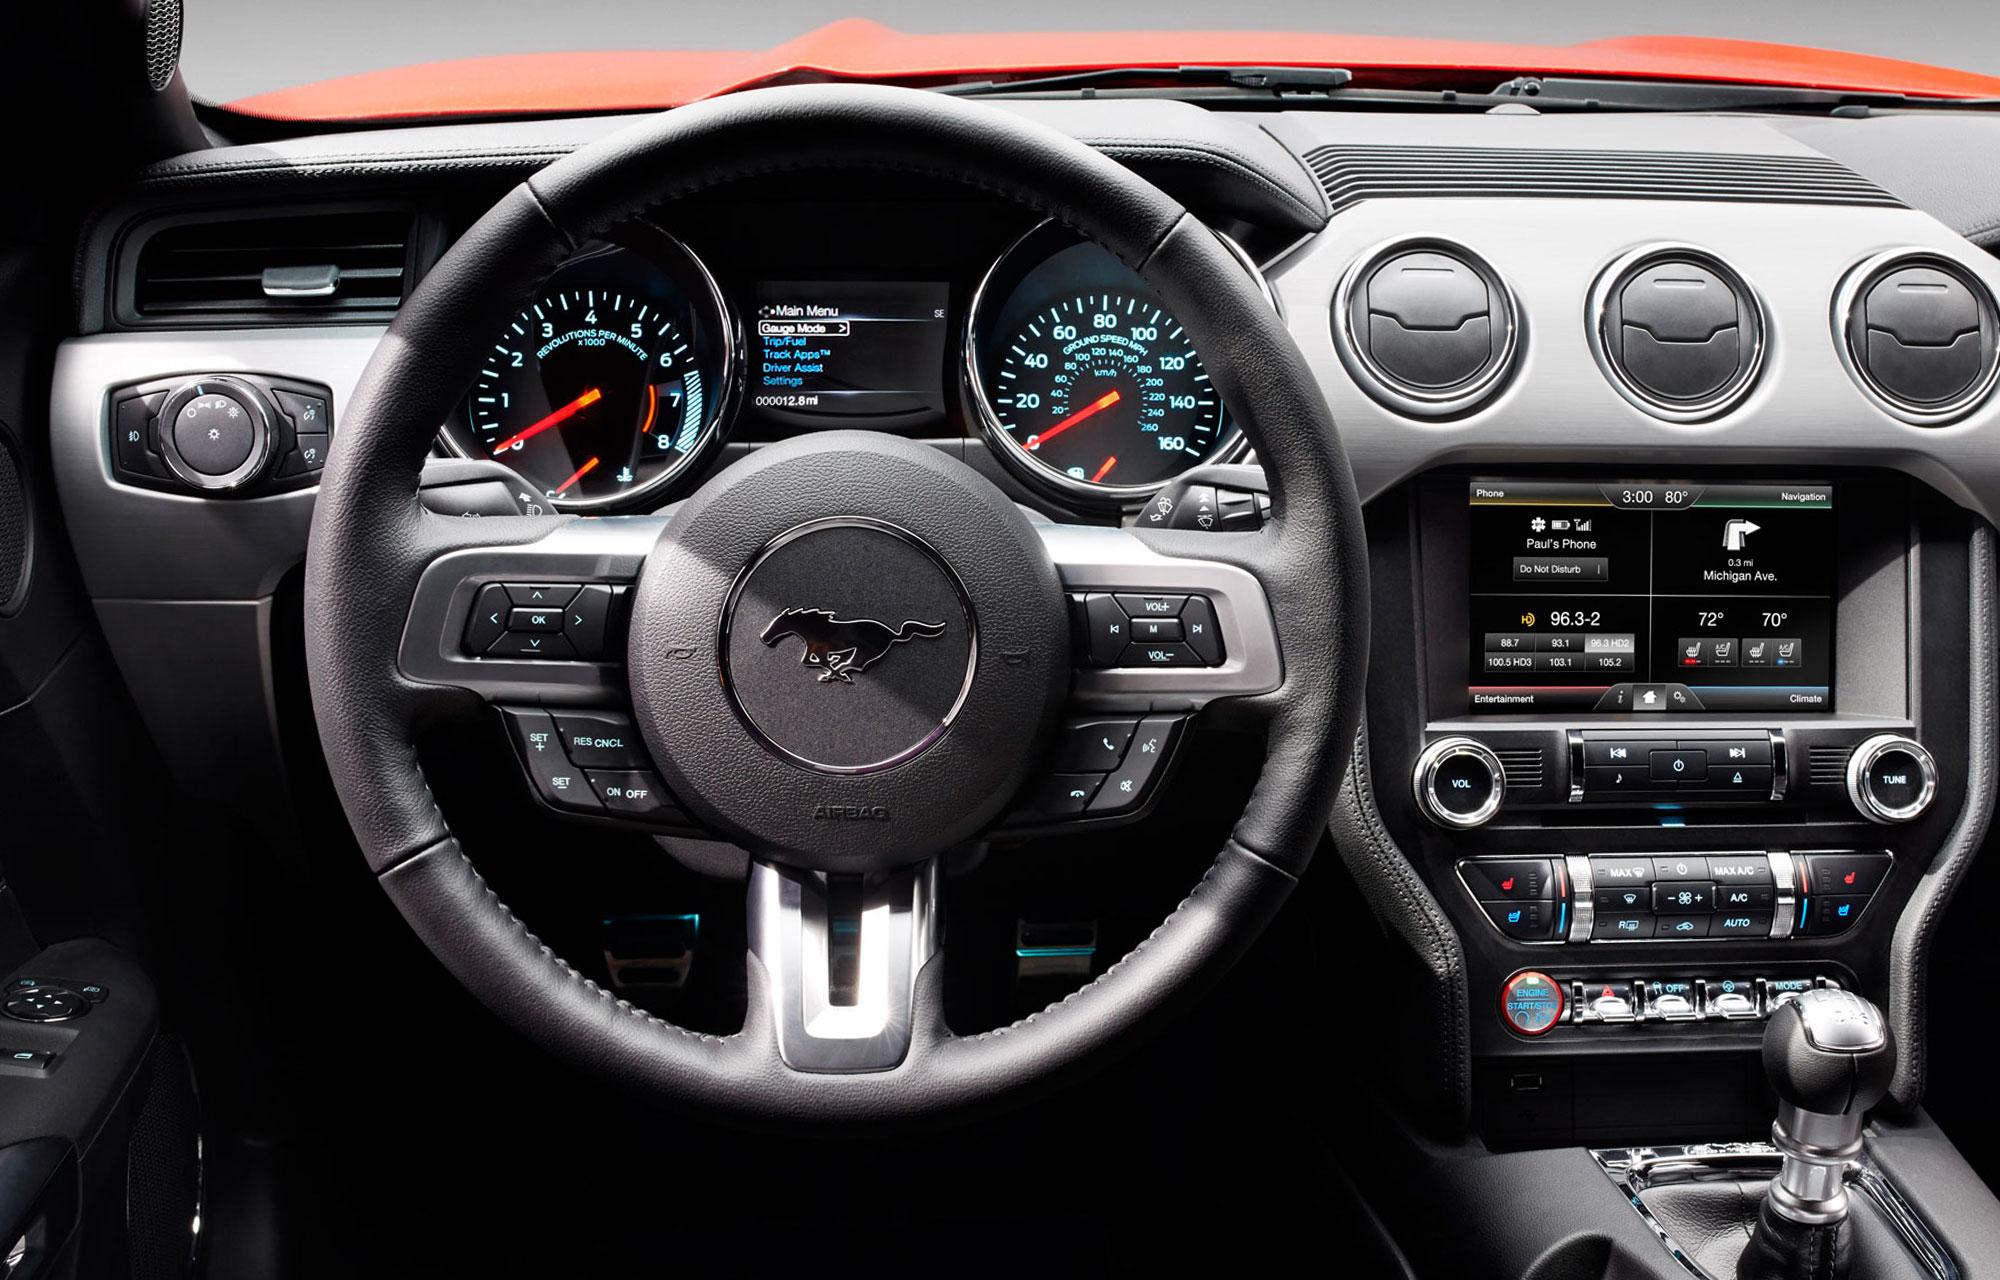 Ford Mustang interiör